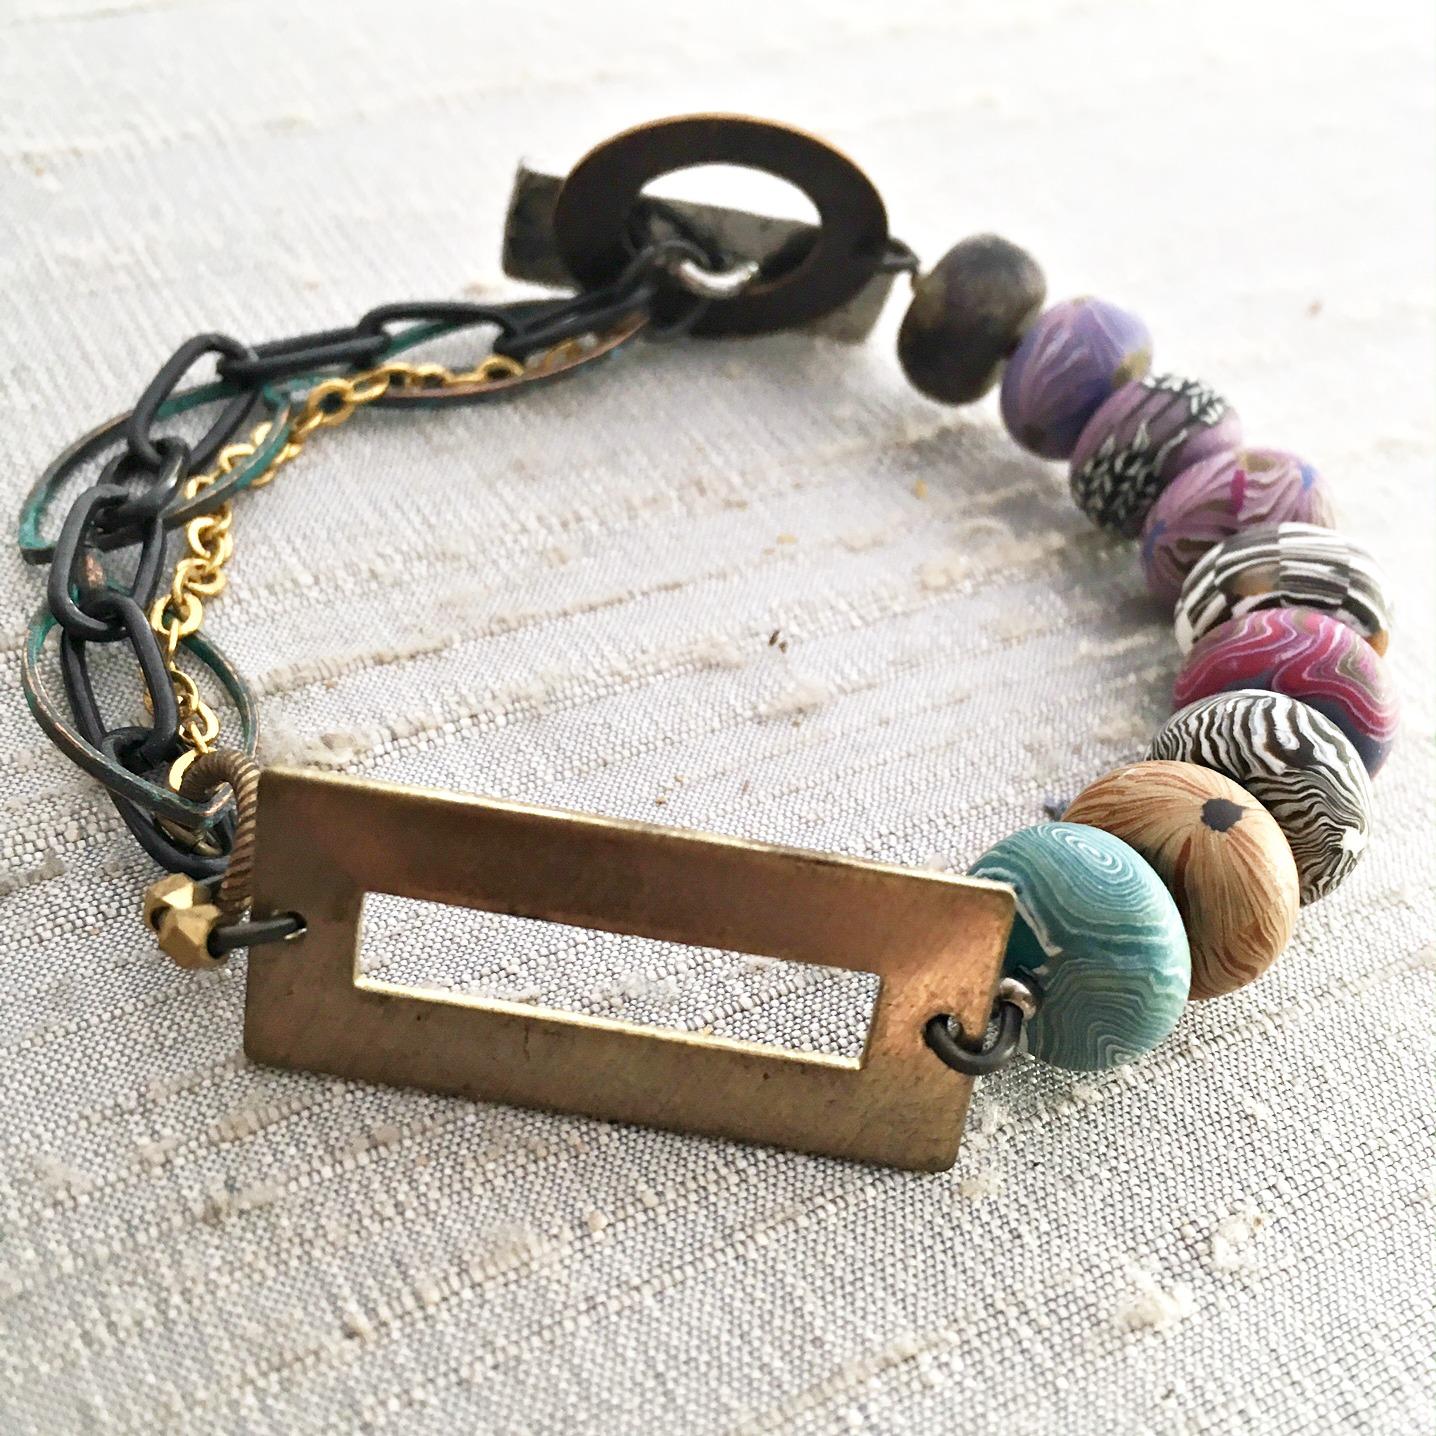 Beading OOAK Crafts Jewelry No.12 Popular Curved Tweezers